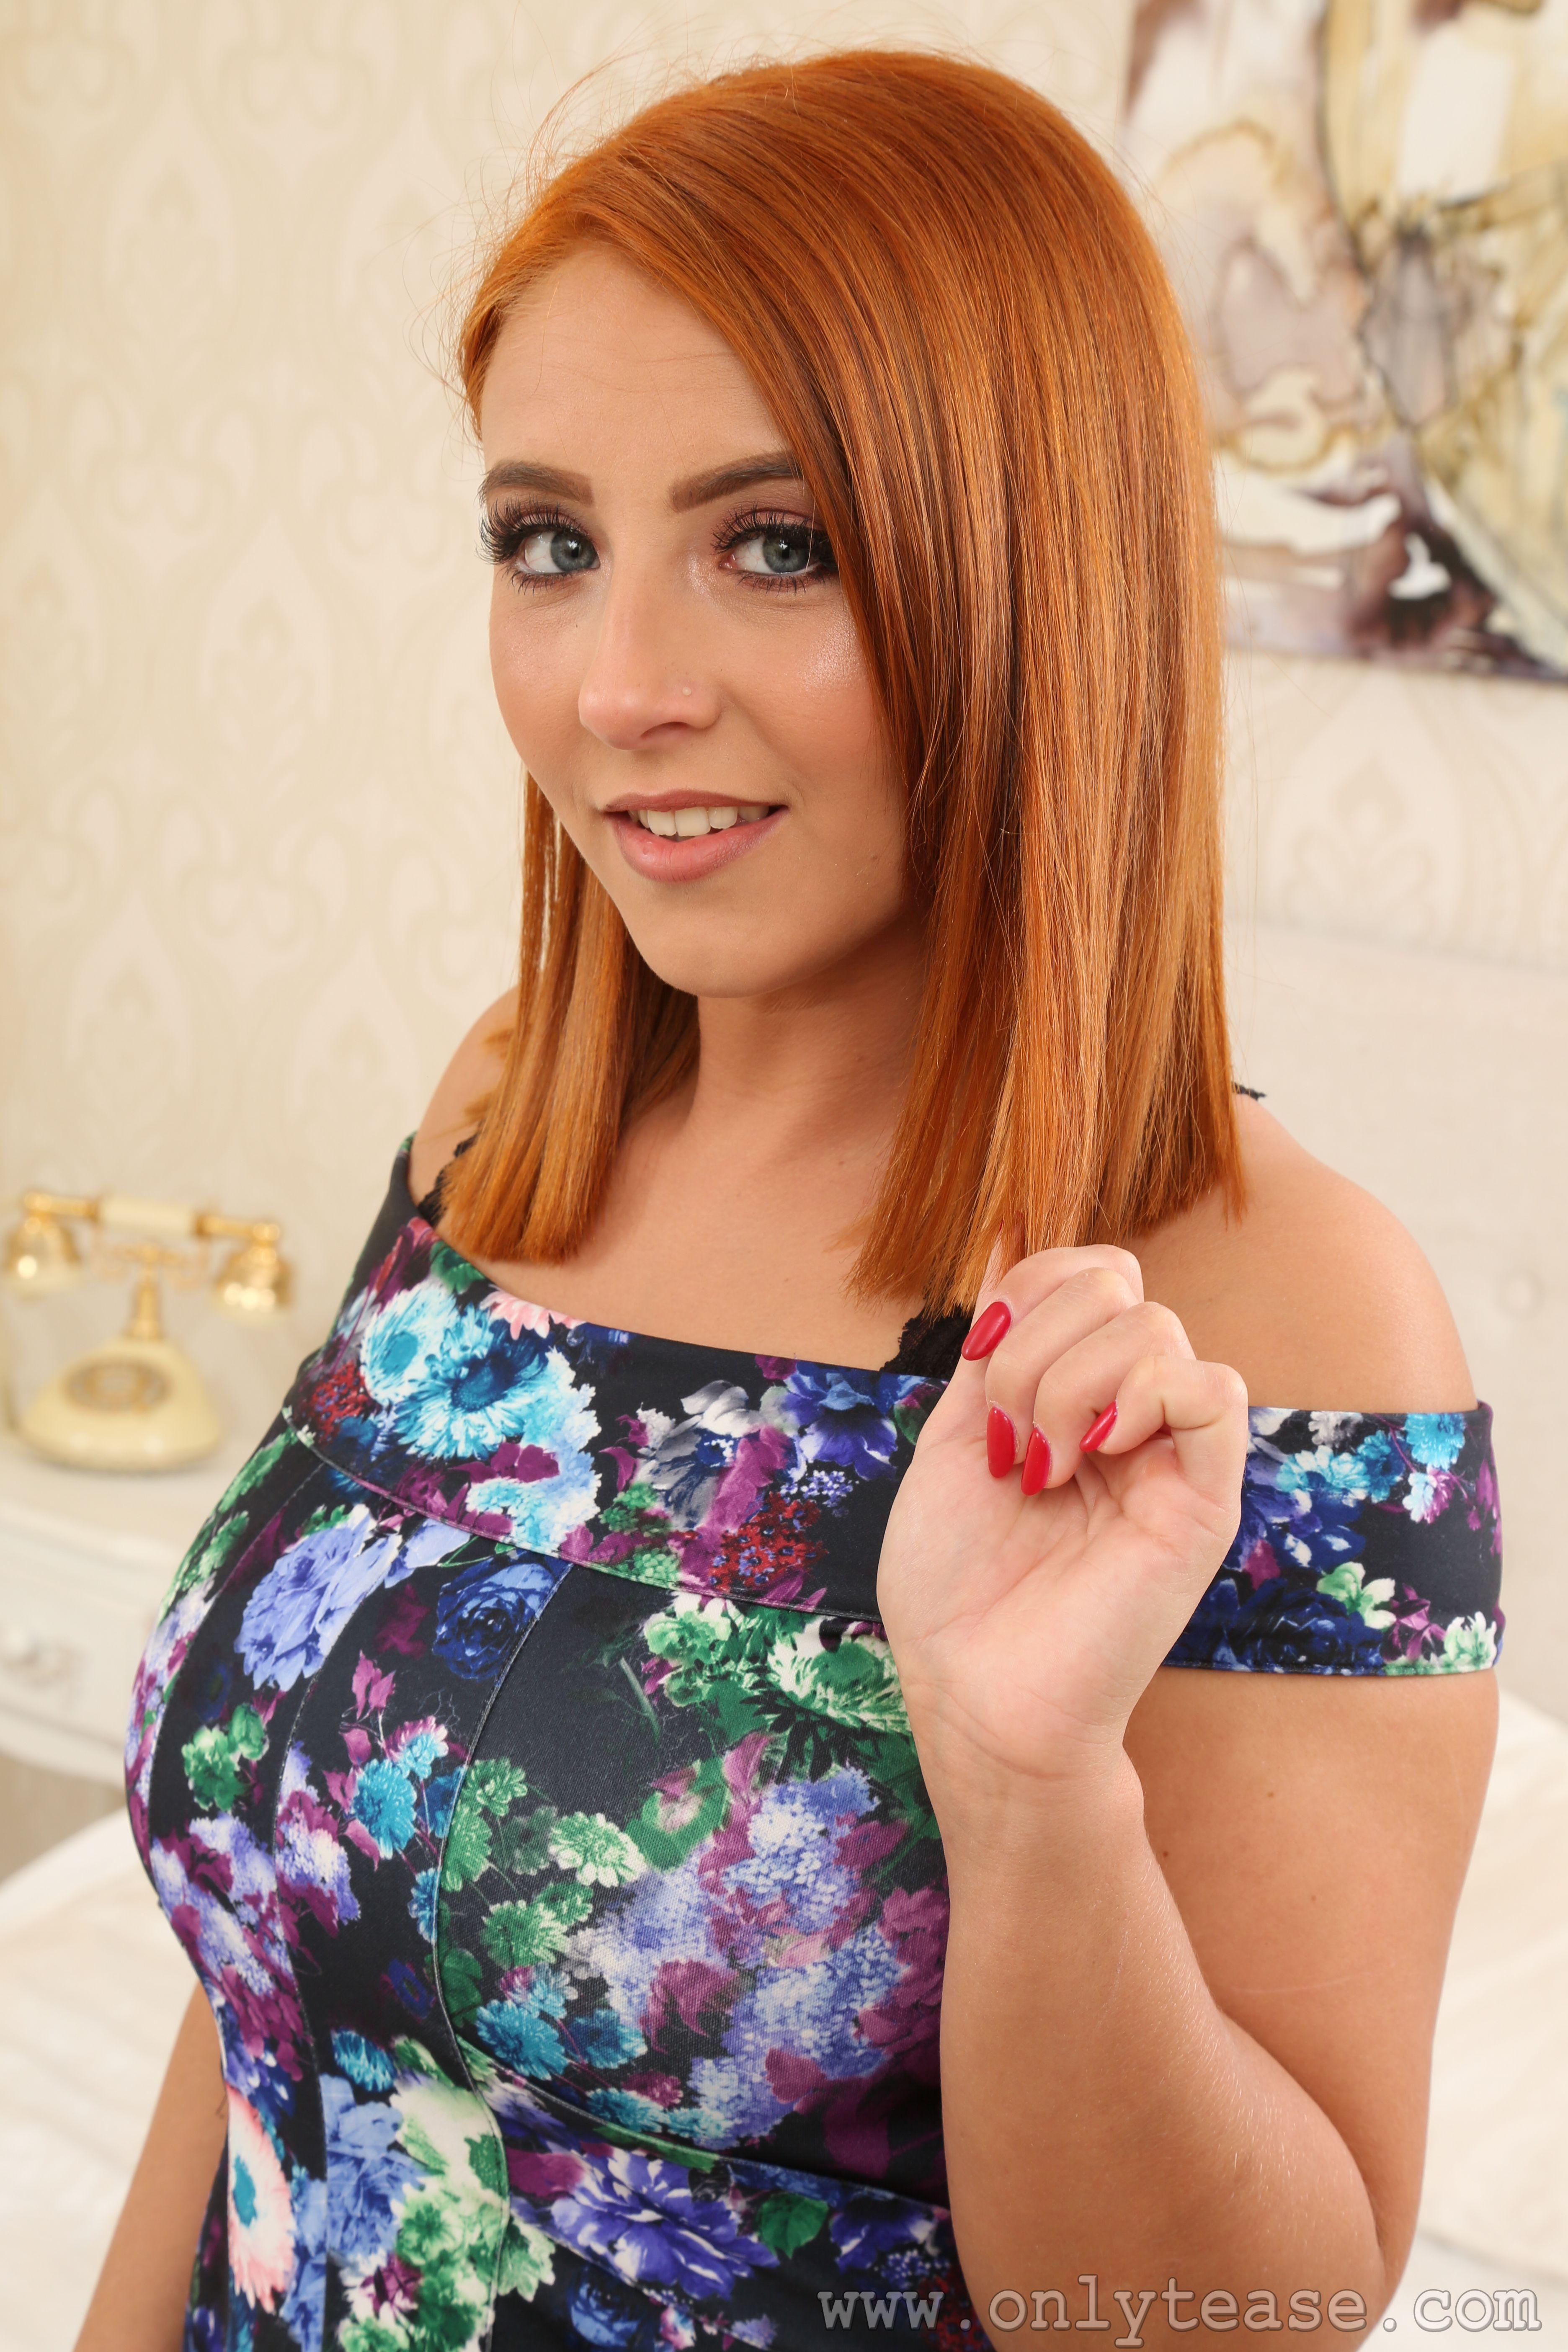 Foto Robyn J Rotschopf junge Frauen Hand Starren 3744x5616 für Handy Mädchens junge frau Blick